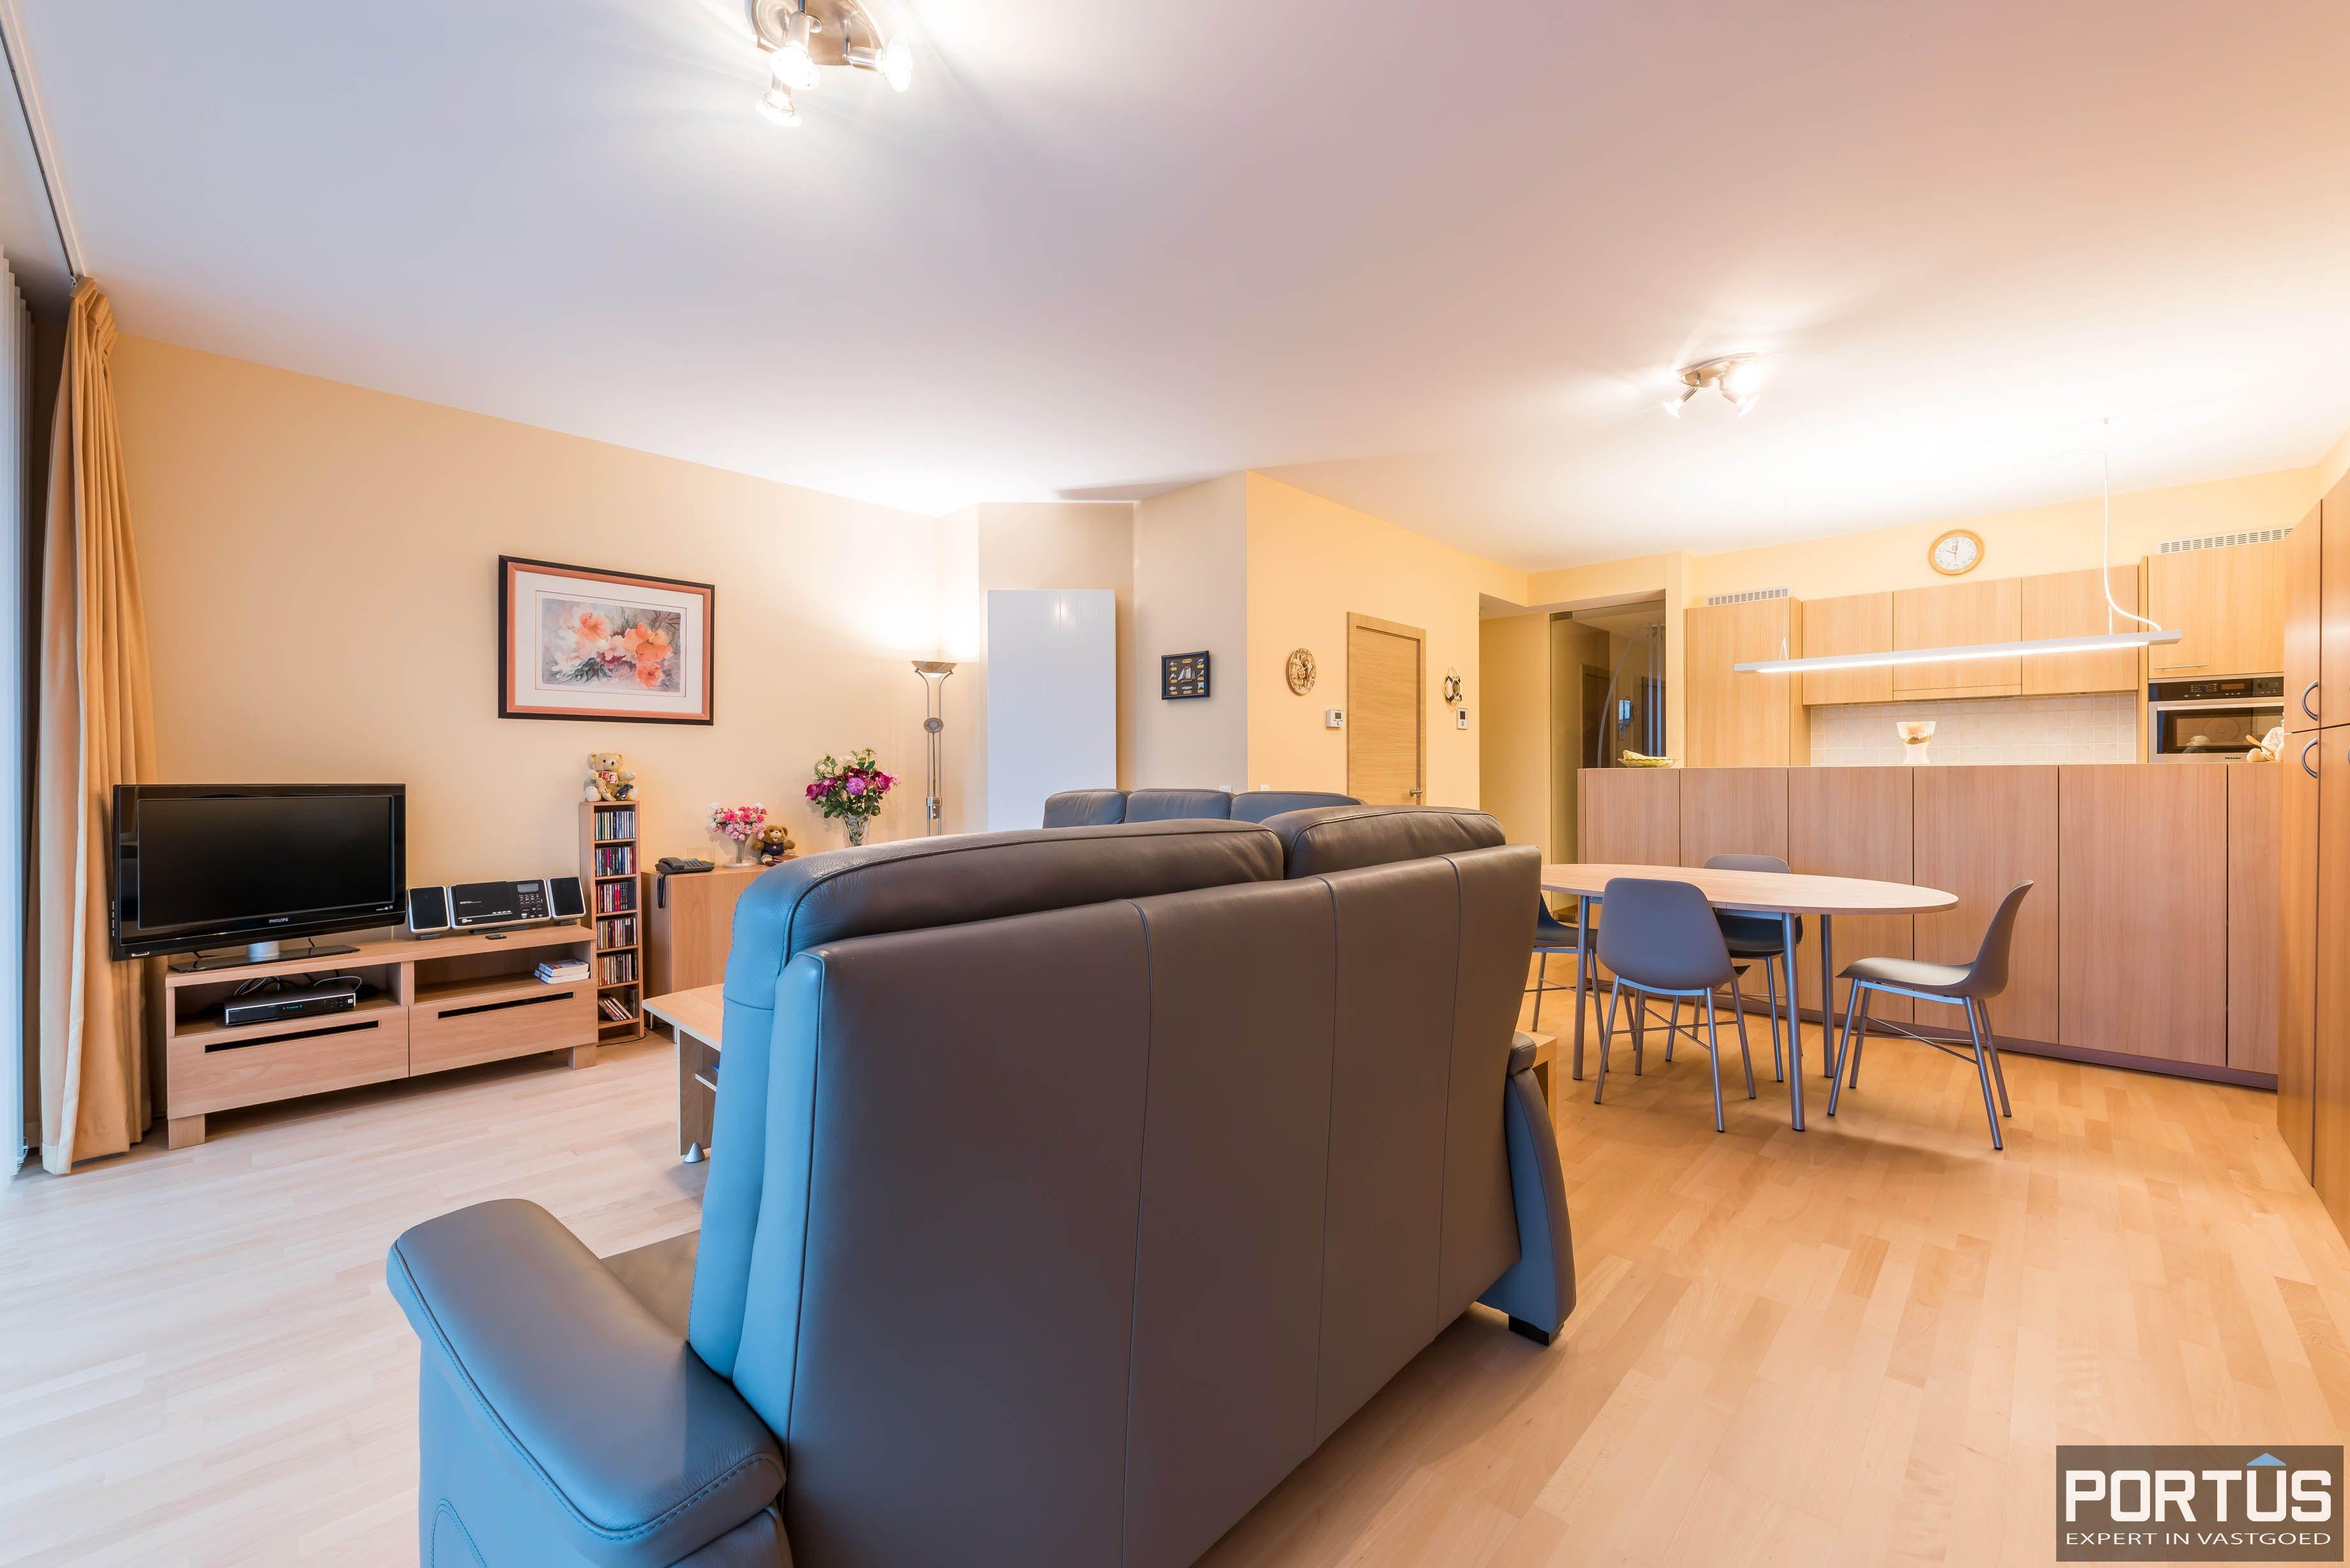 Appartement met 2 slaapkamers te koop Nieuwpoort - 5545